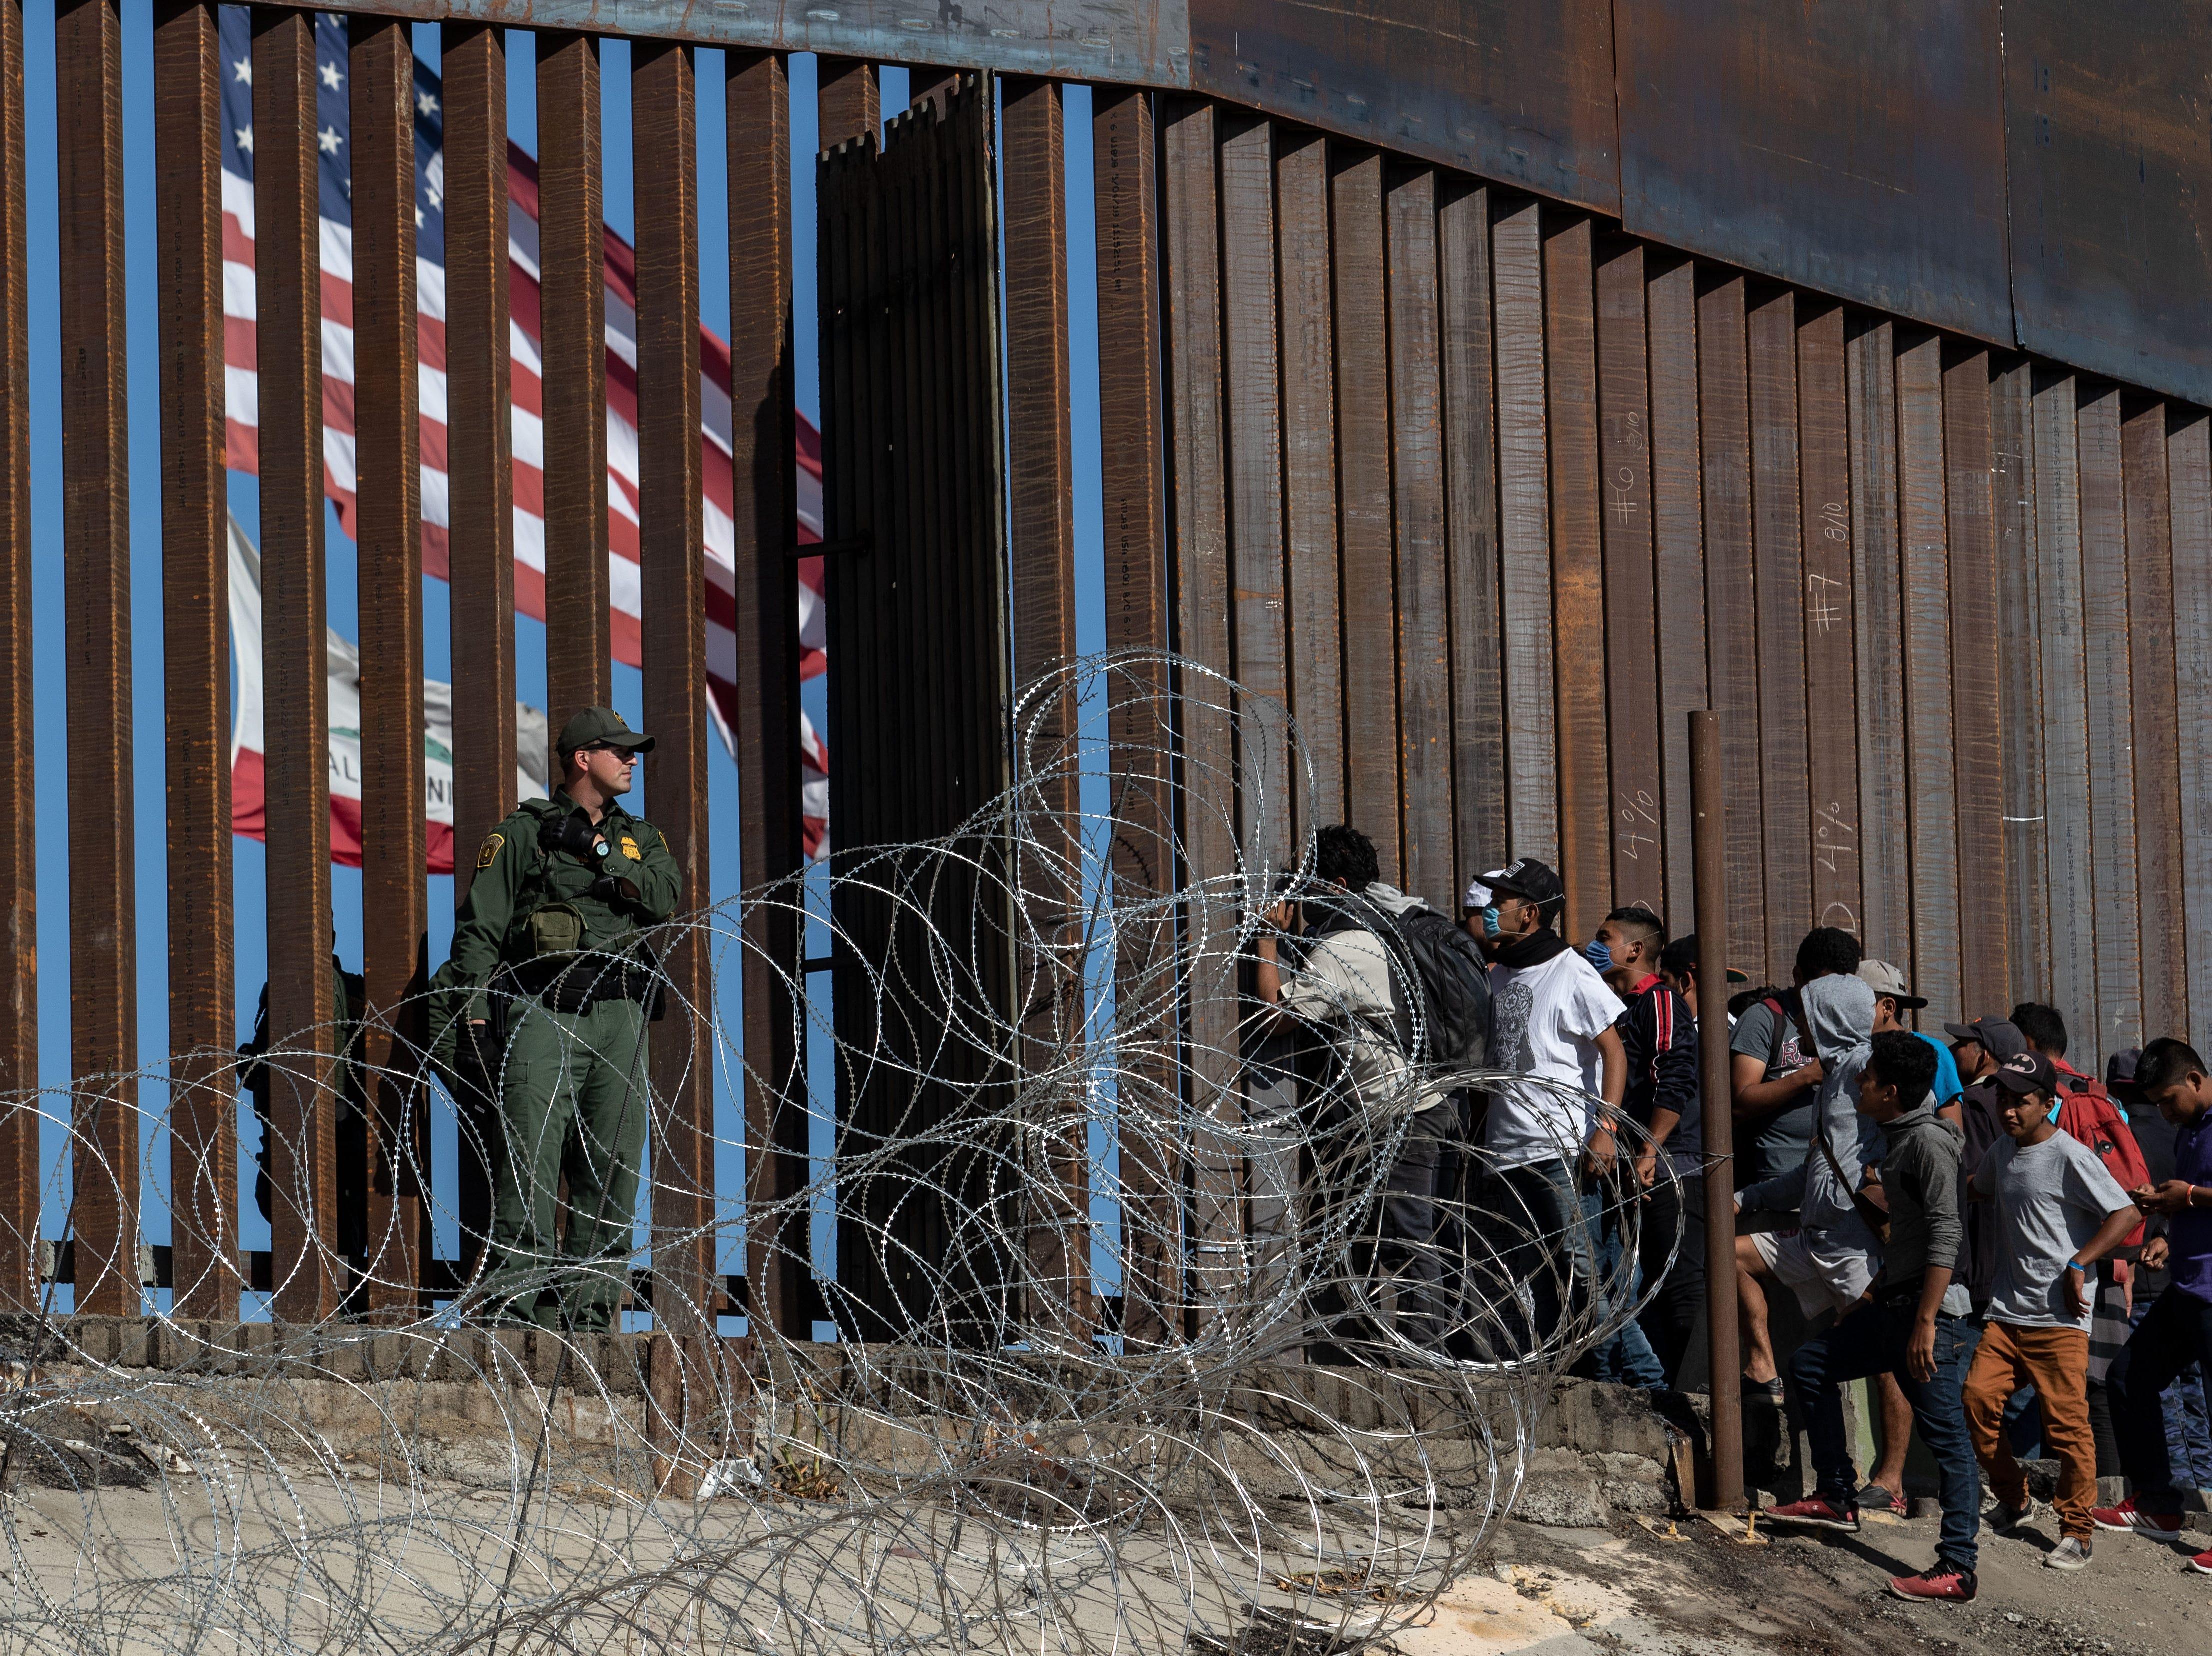 Los migrantes centroamericanos miran a través de una valla fronteriza mientras agentes de la Patrulla Fronteriza de los EE.UU. hacen guardia cerca del cruce fronterizo de El Chaparral en Tijuana, estado de Baja California, México, el 25 de noviembre de 2018.